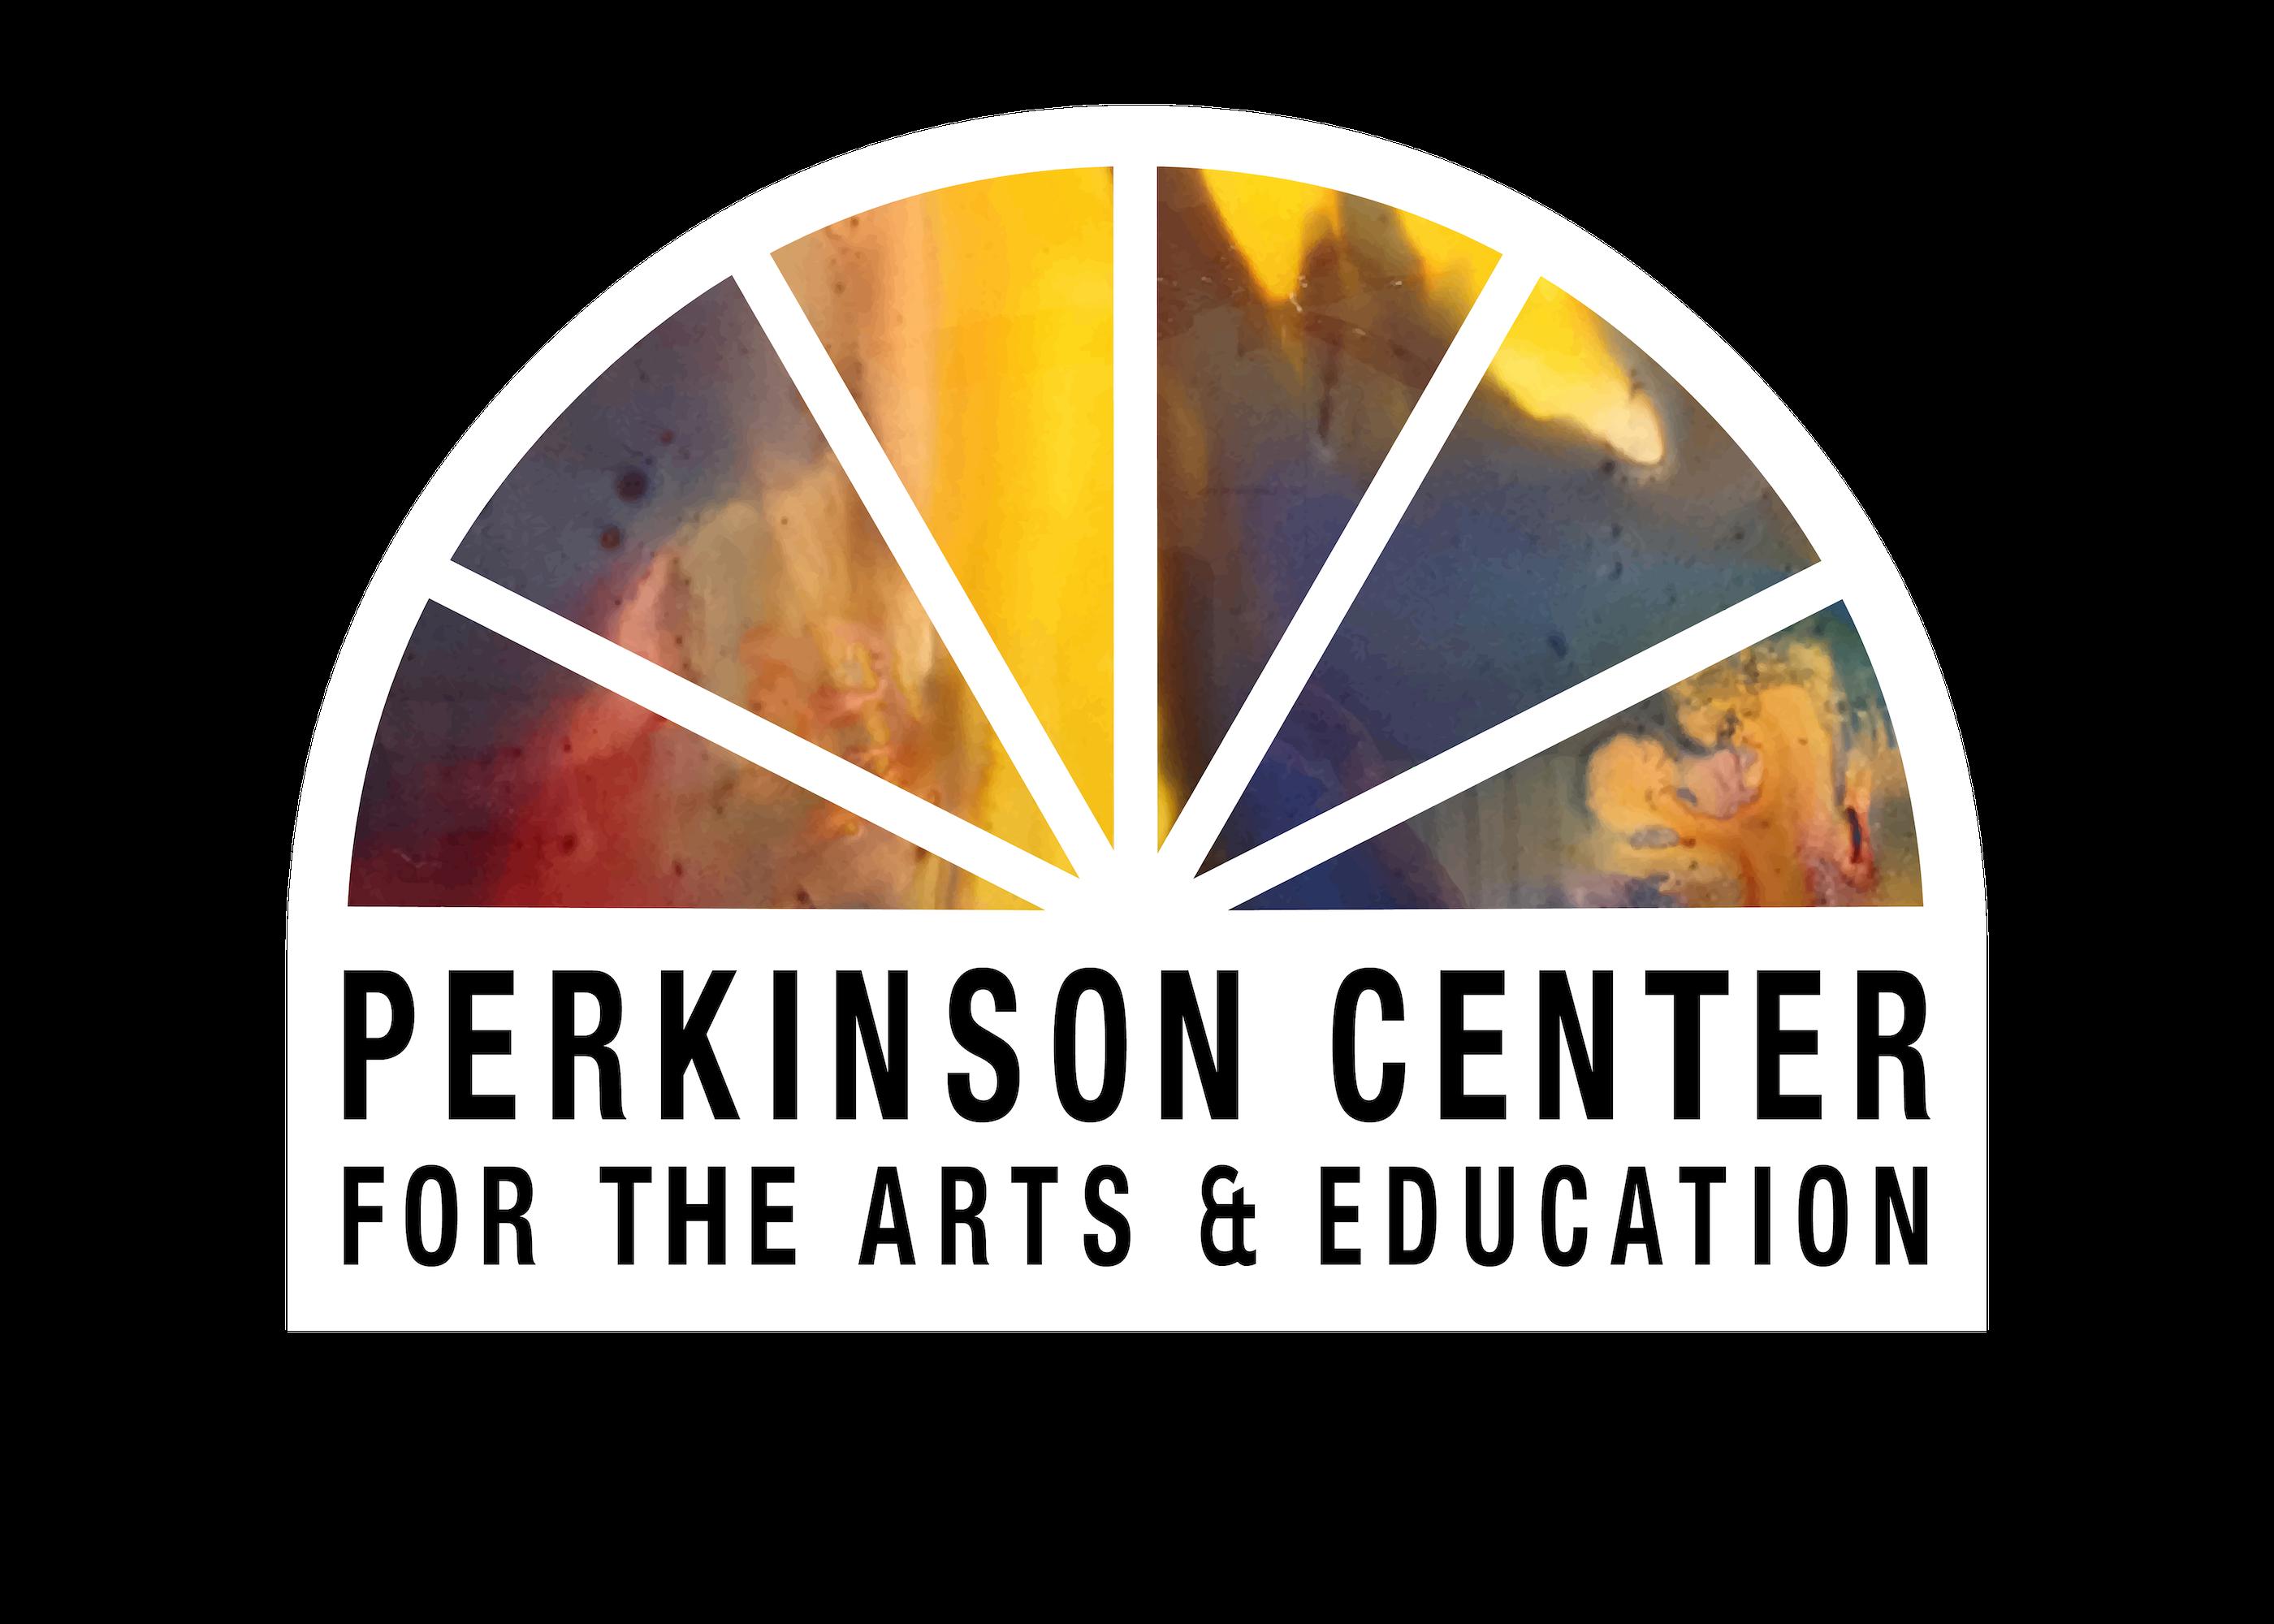 Perkinson Center